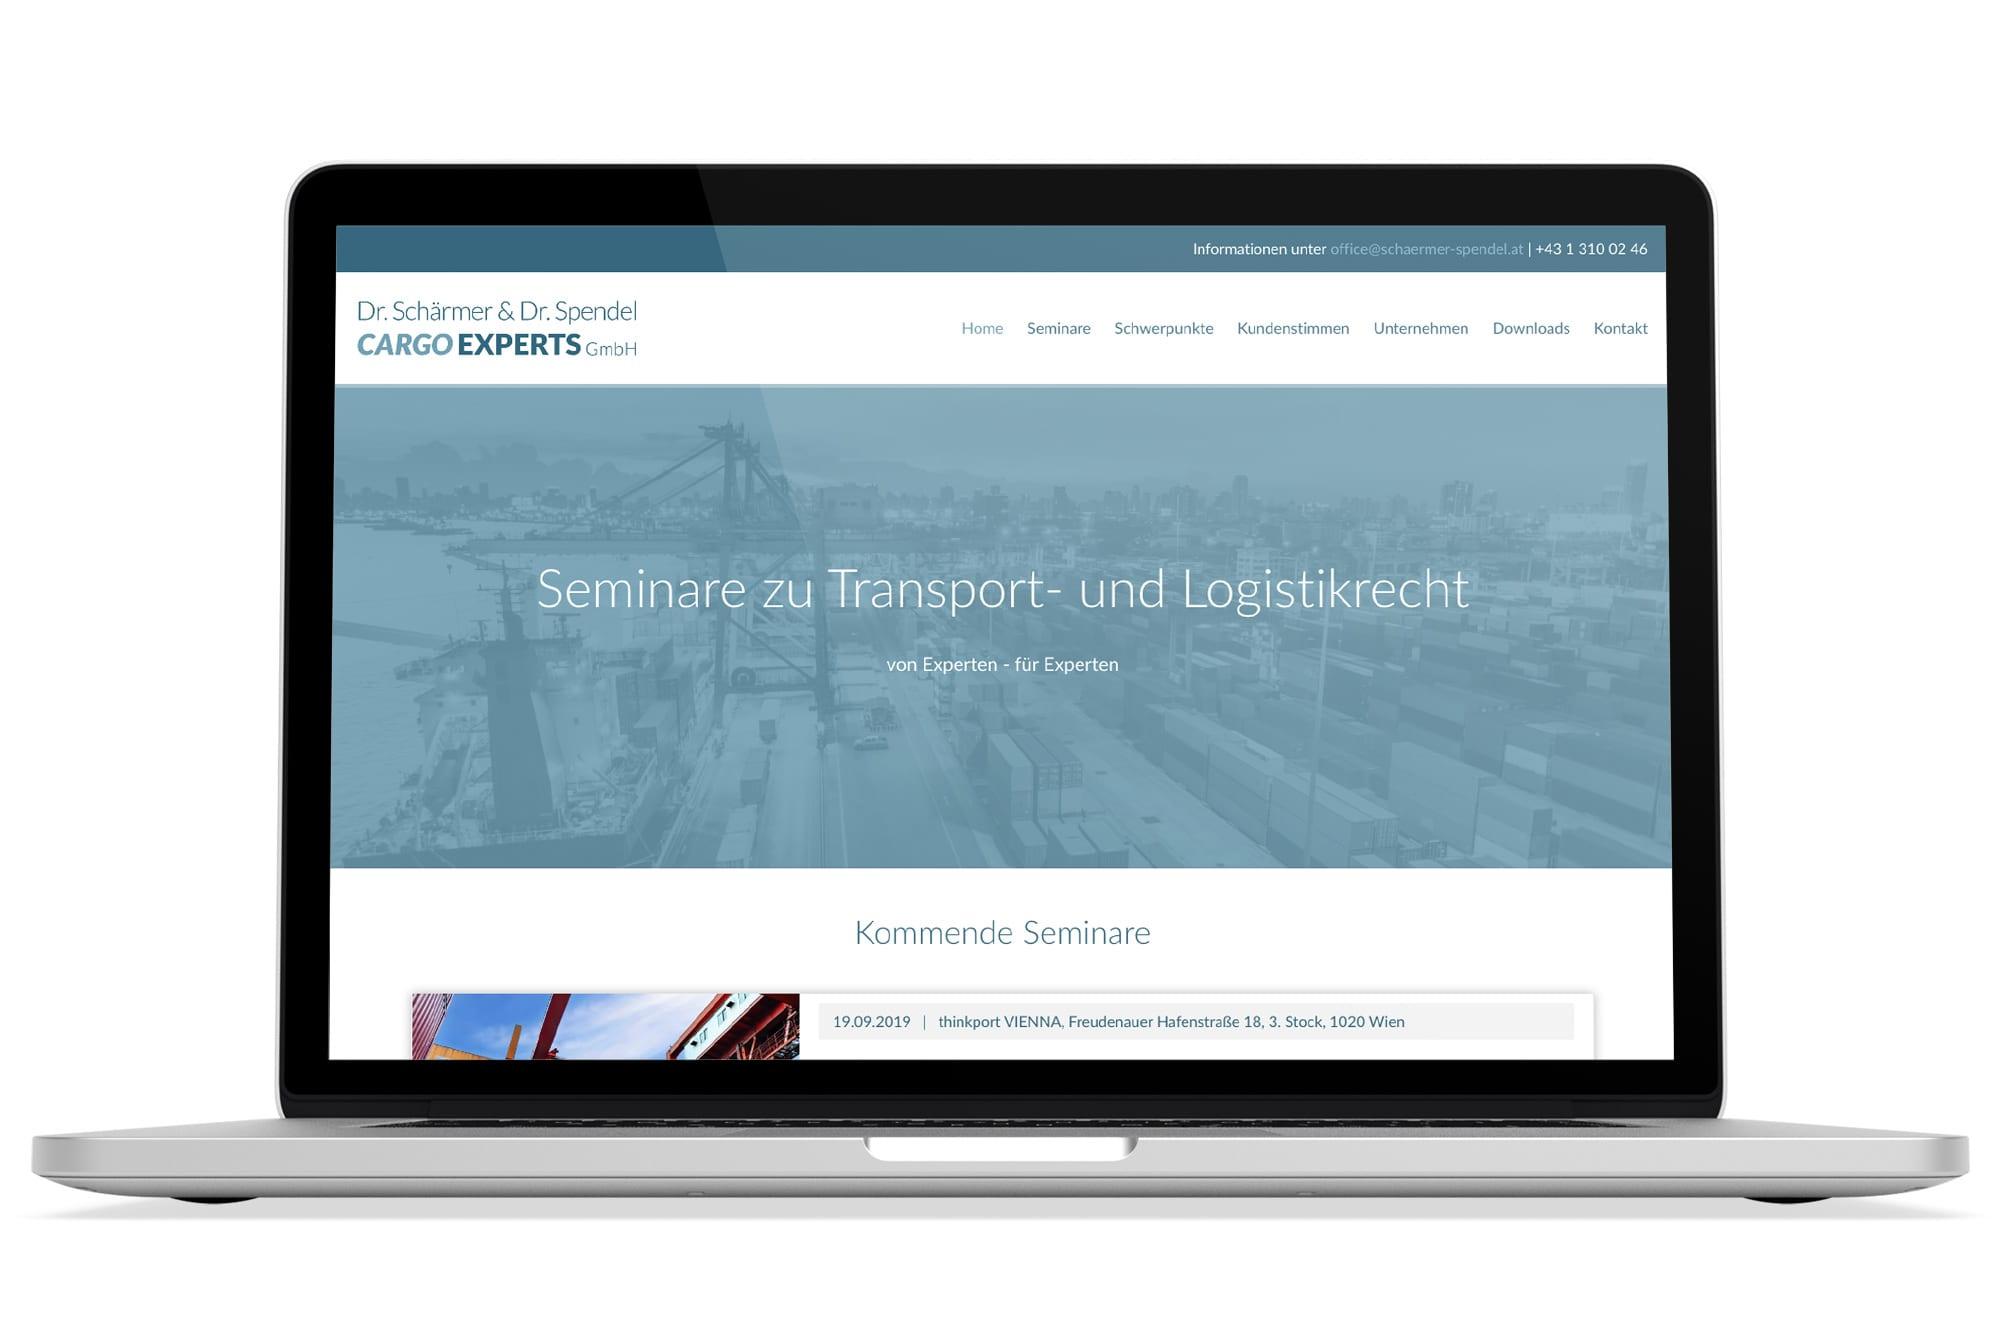 Webdesign Beispiel: Logodesign, Responsive Webdesign, WordPress für Rechtsanwalt Wien und Seminarveranstalter